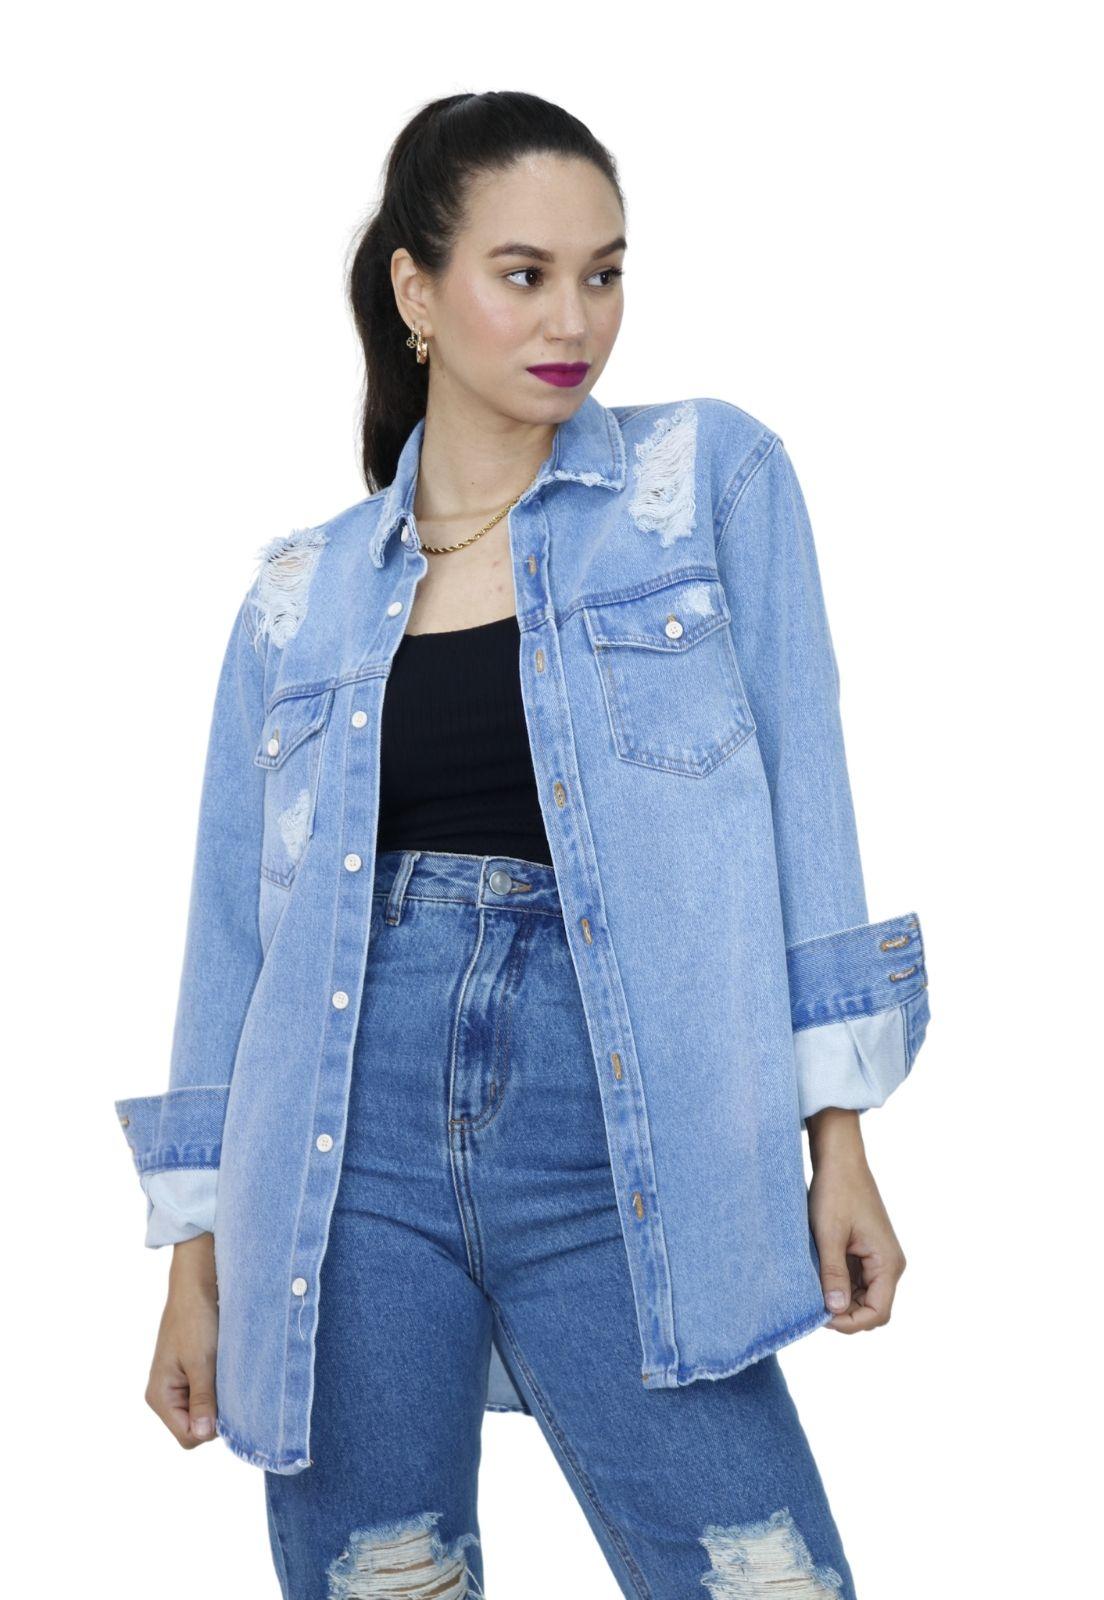 Camisa Feminina Manga Longa Jeans Claro Puídos e Bolsos